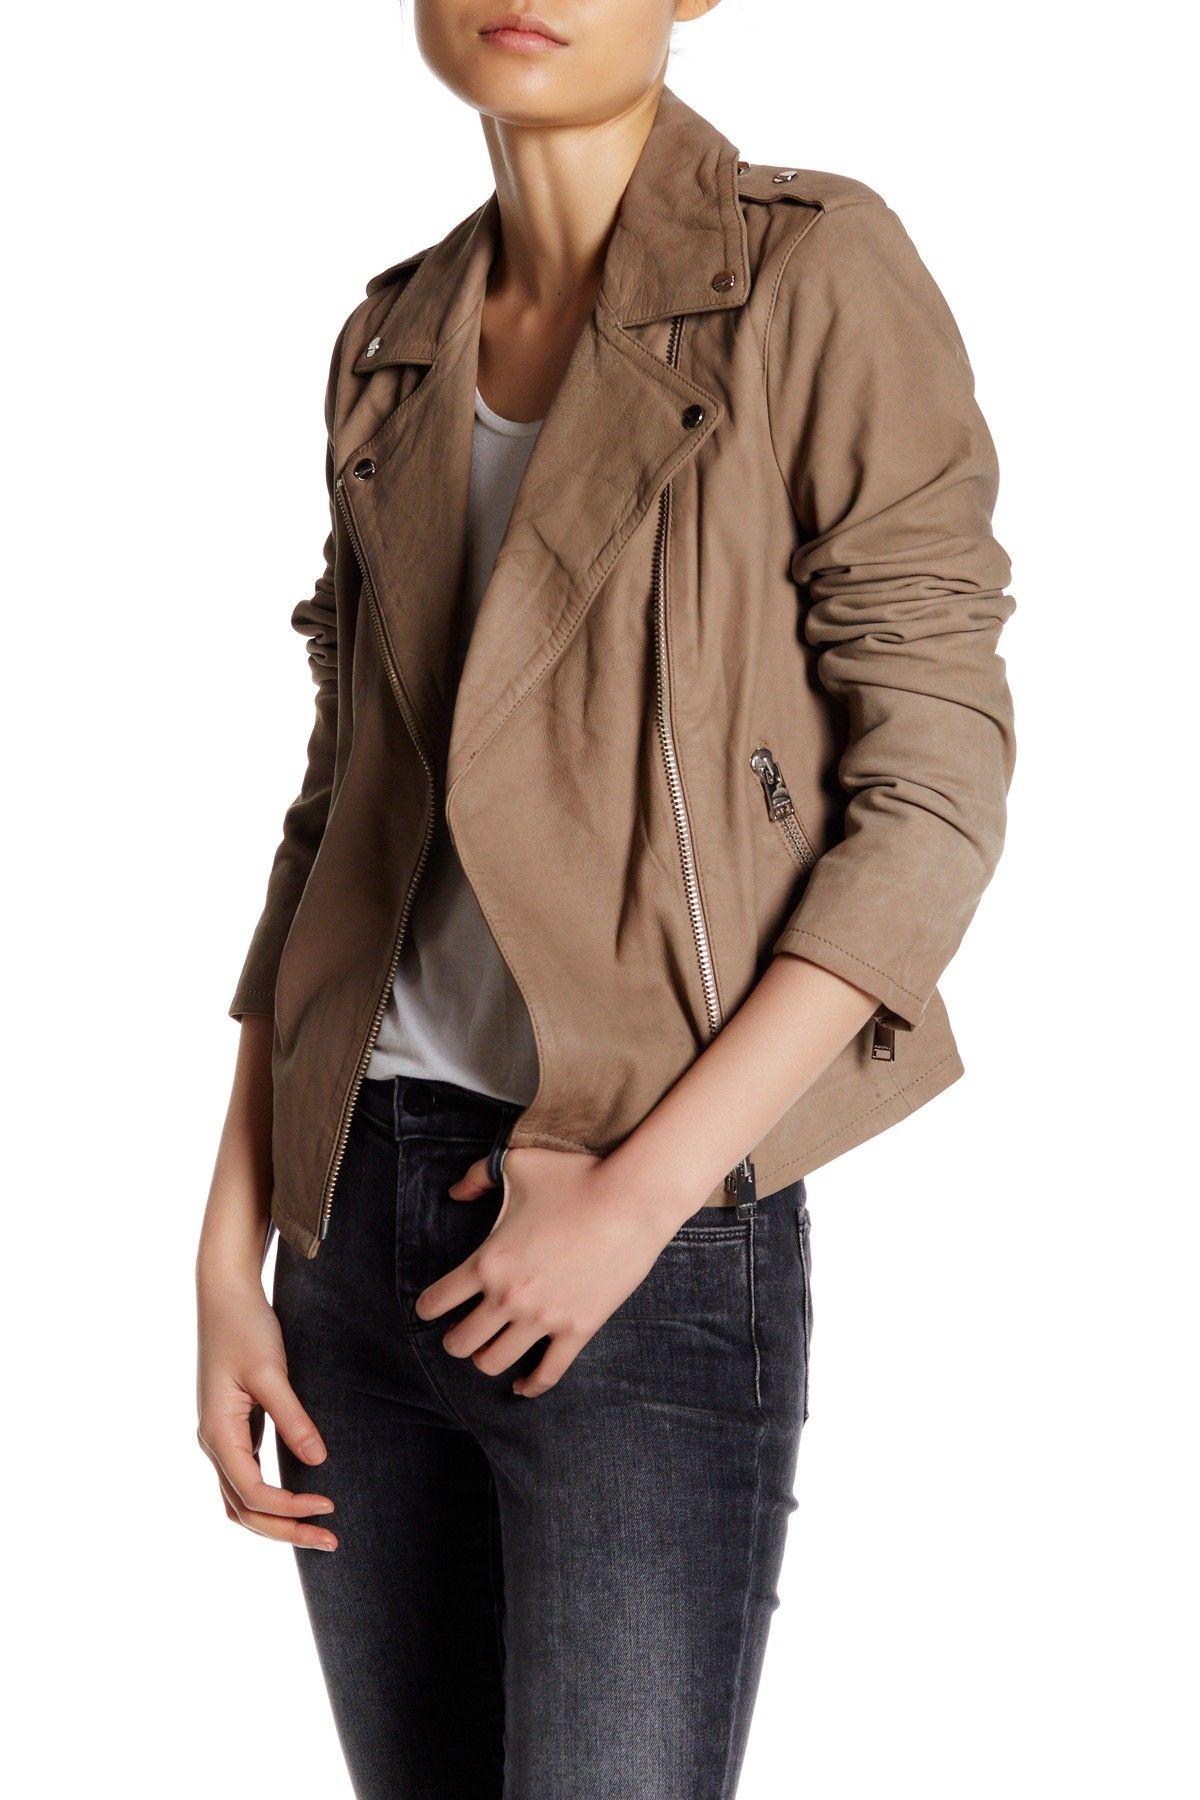 LAMARQUE Genuine Leather Kanya Jacket Jackets, My